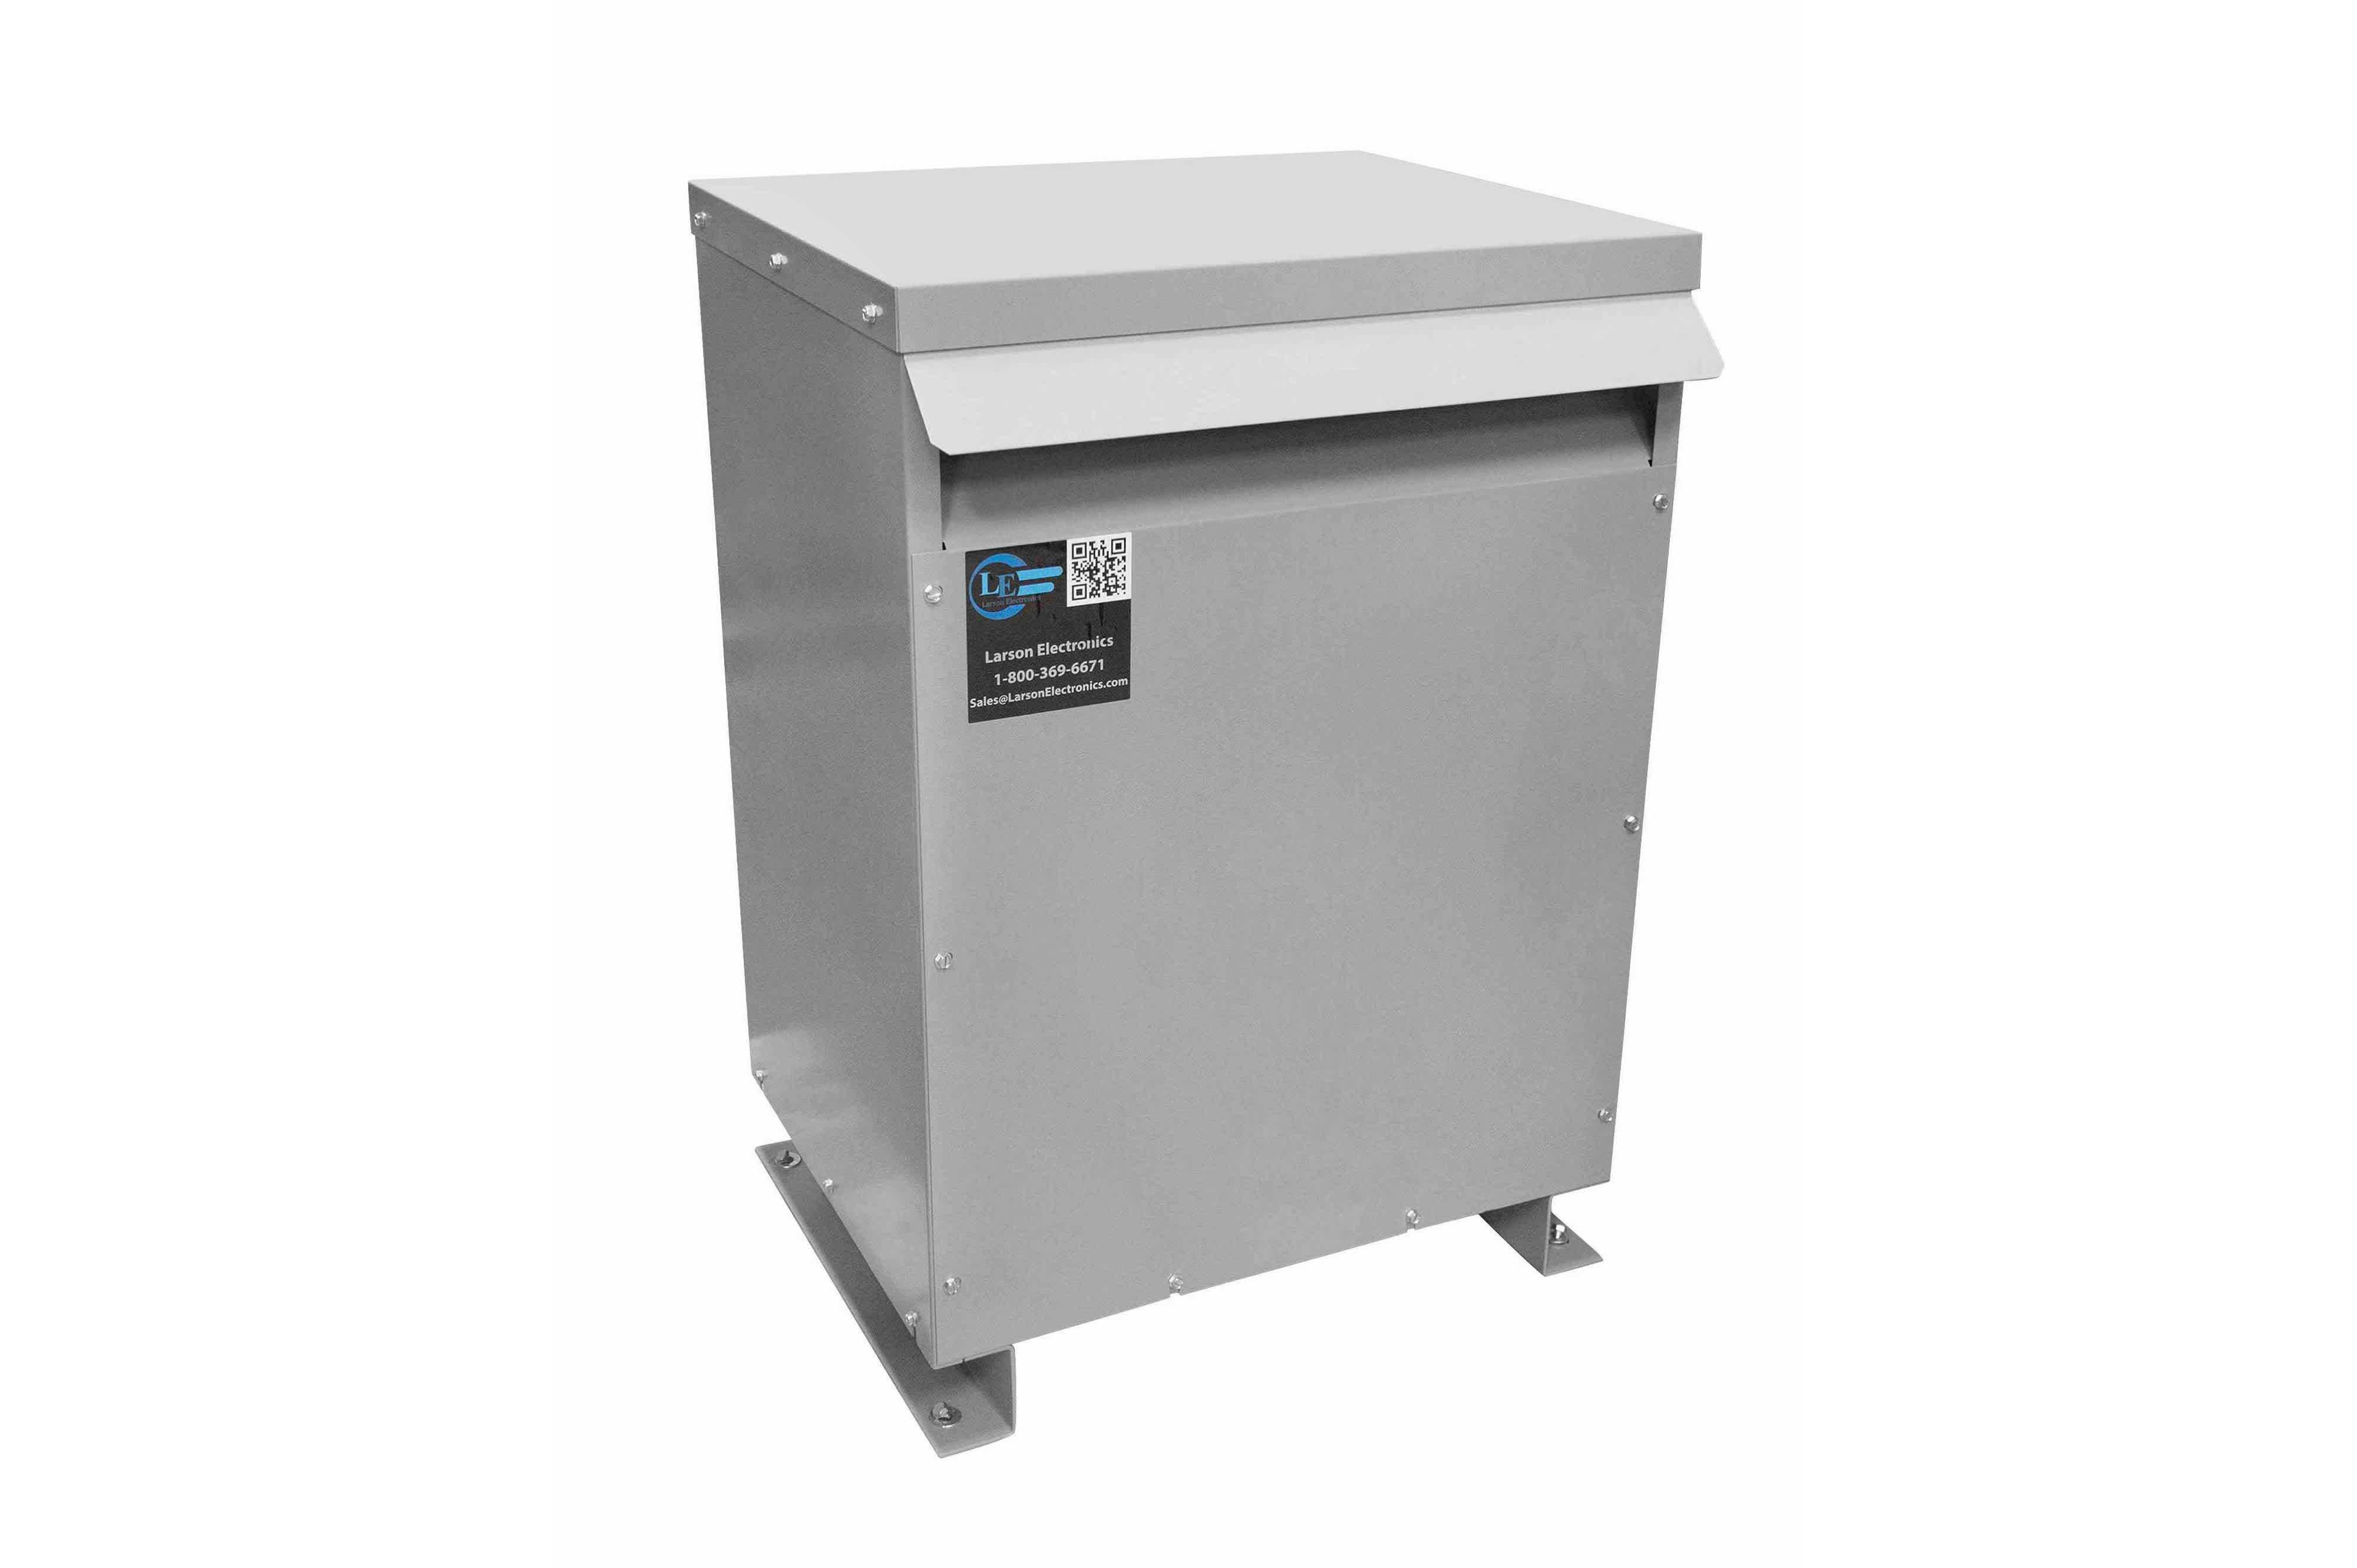 42.5 kVA 3PH Isolation Transformer, 460V Delta Primary, 400V Delta Secondary, N3R, Ventilated, 60 Hz